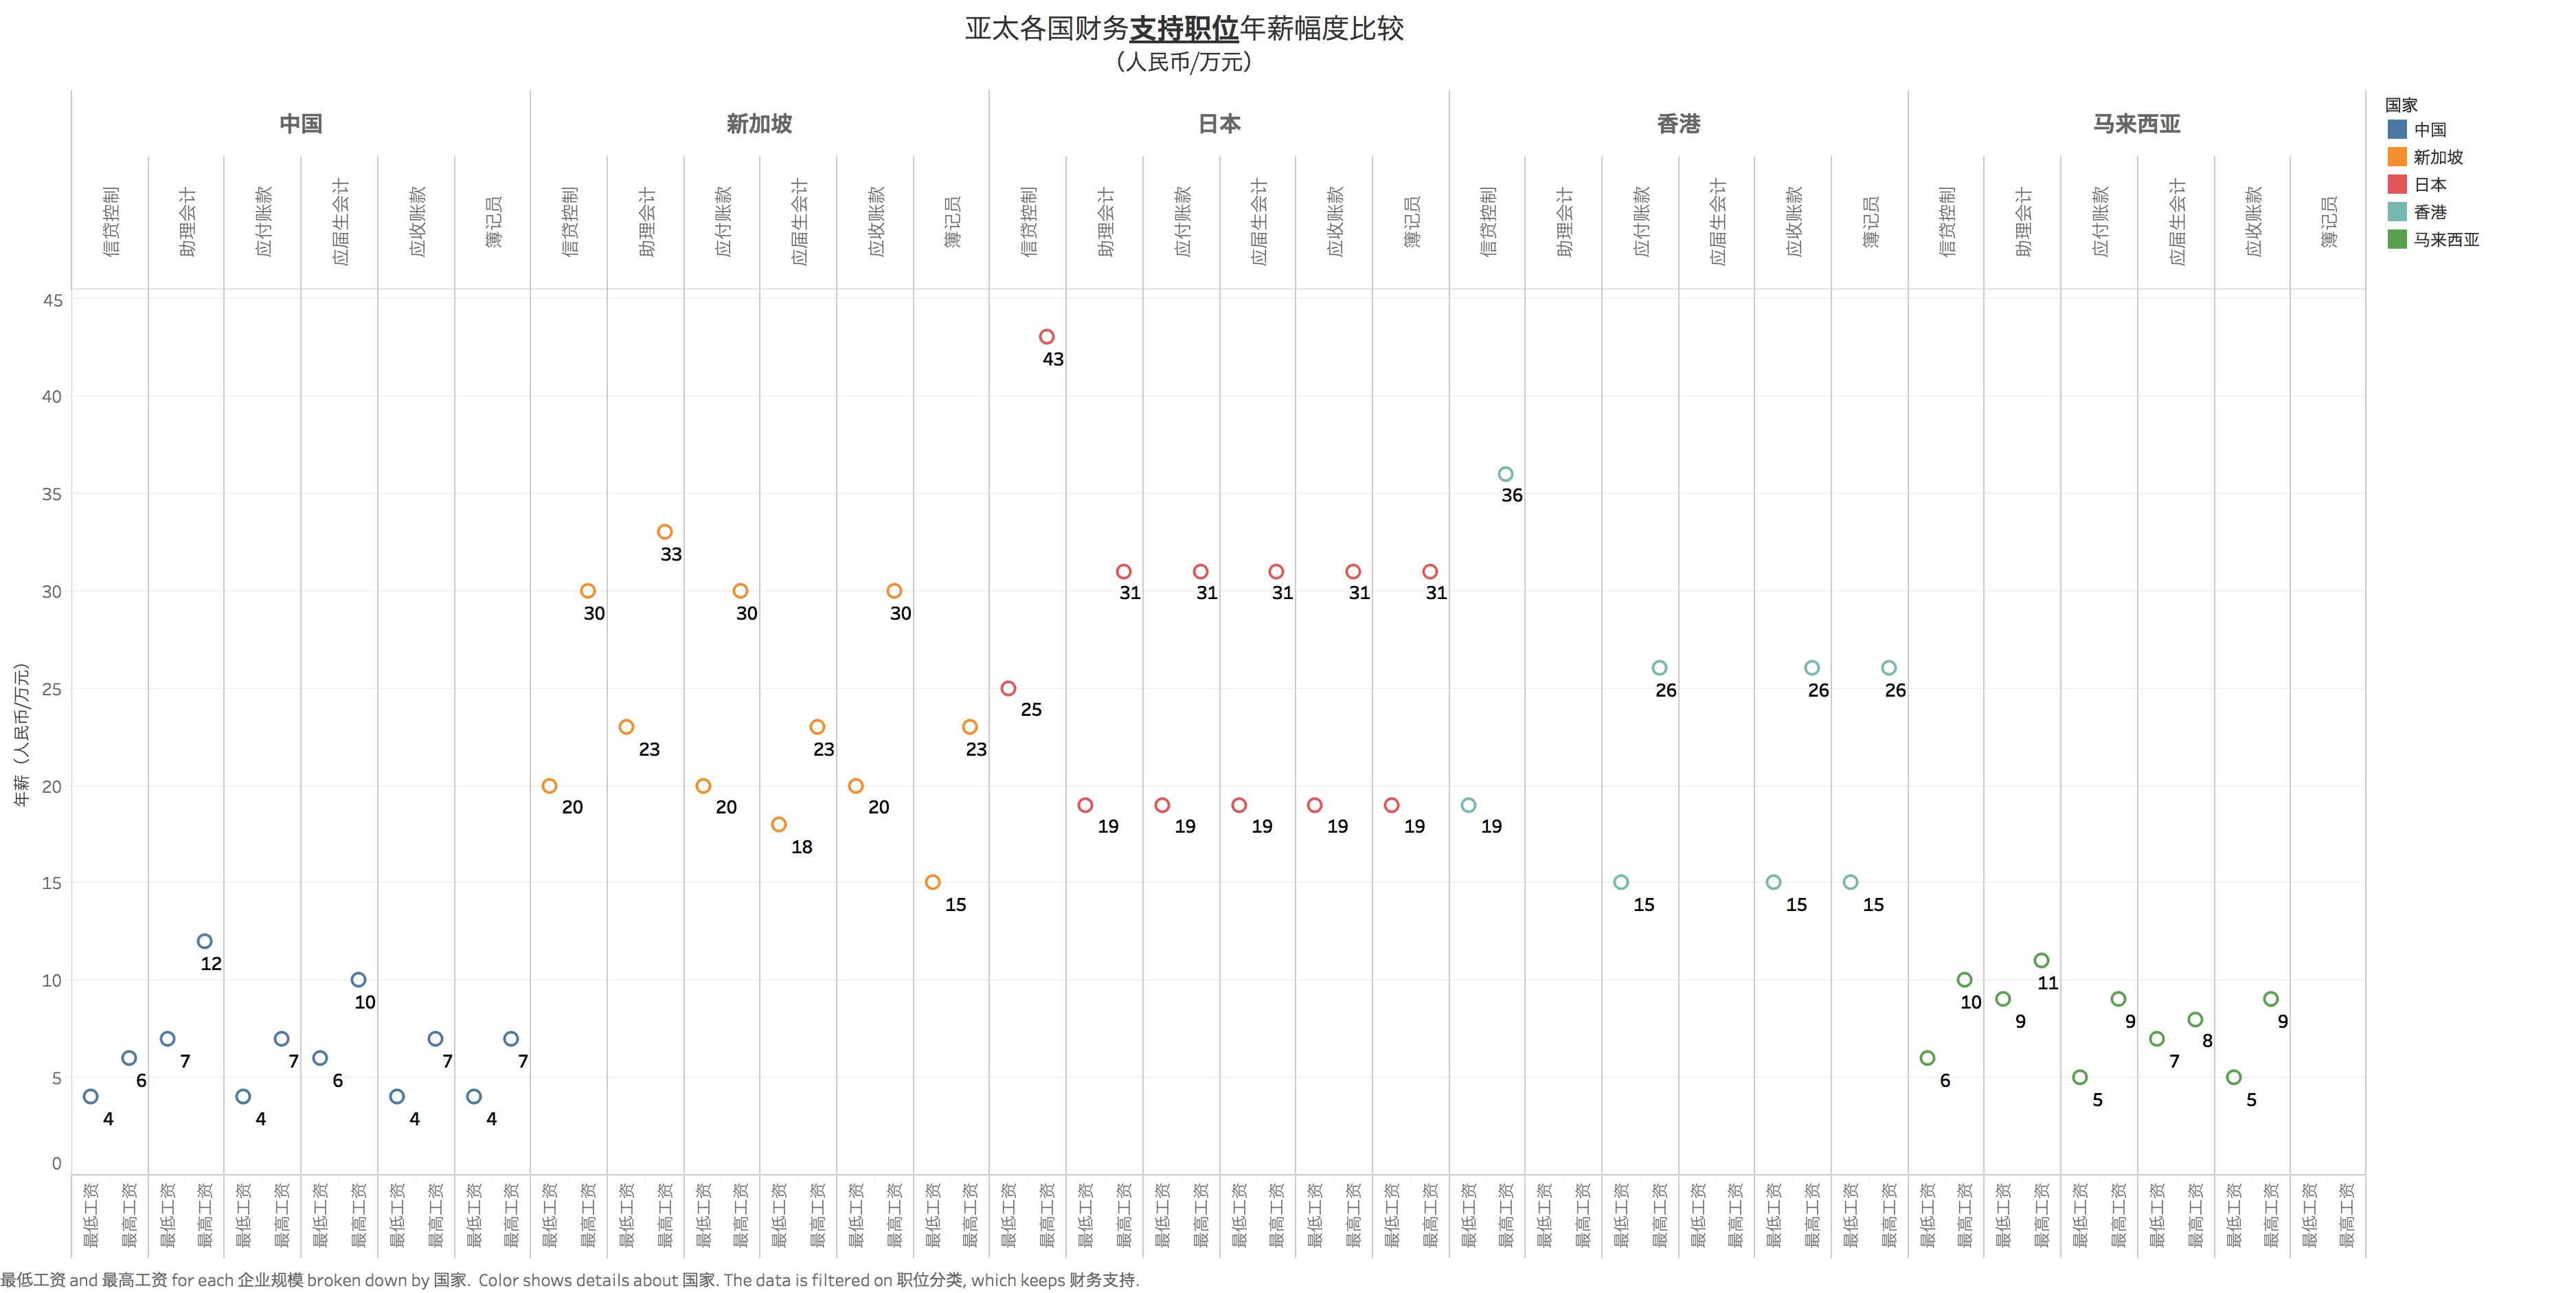 亚洲各国财务与会计支持职位薪酬比较 添加数据